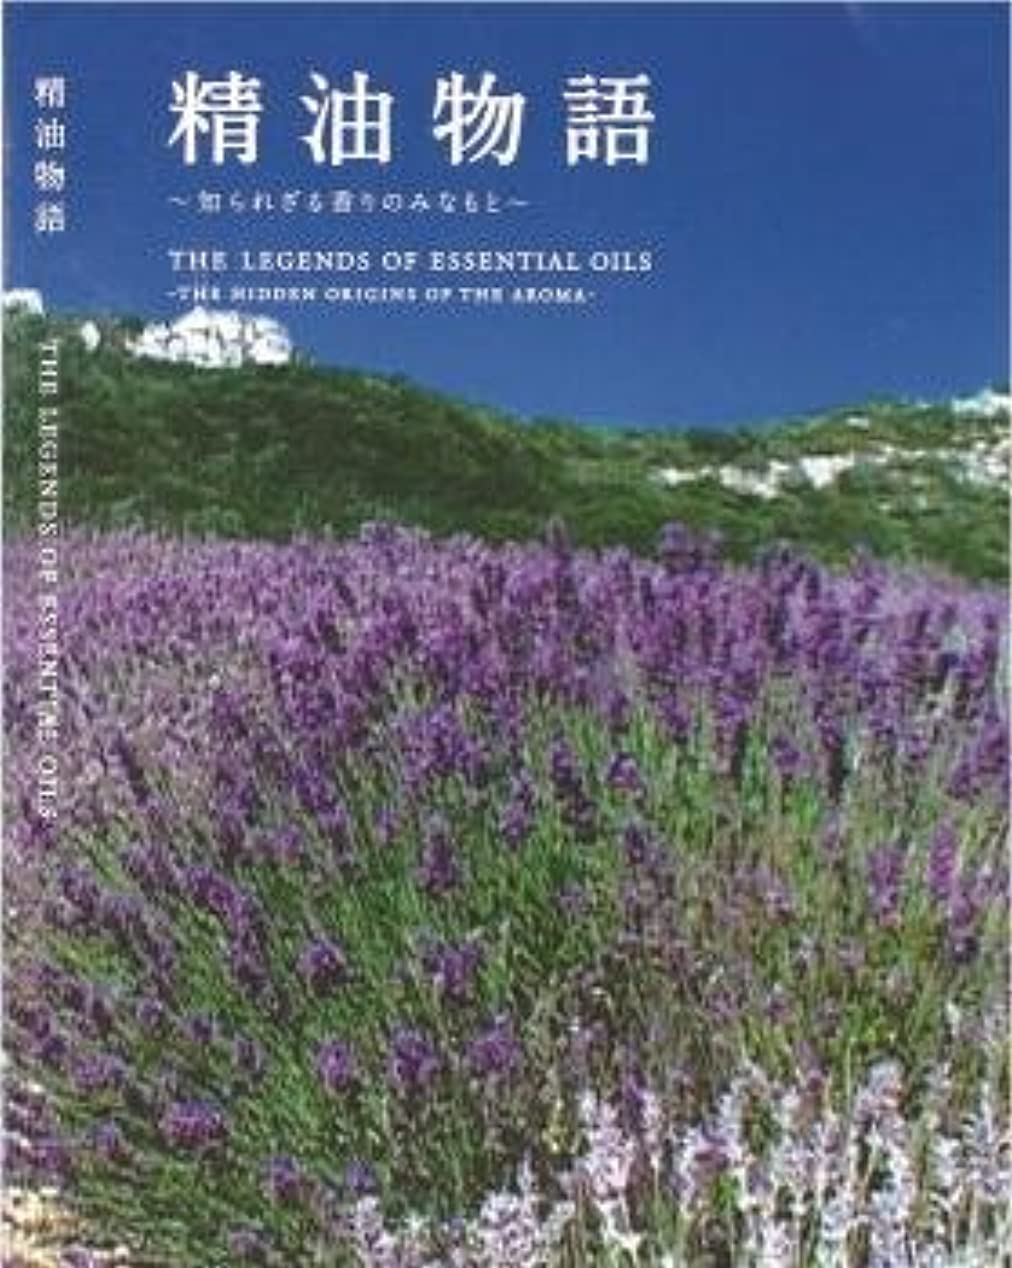 激怒ジェーンオースティンメリー精油物語「~知られざる香りのみなもと~」DVD